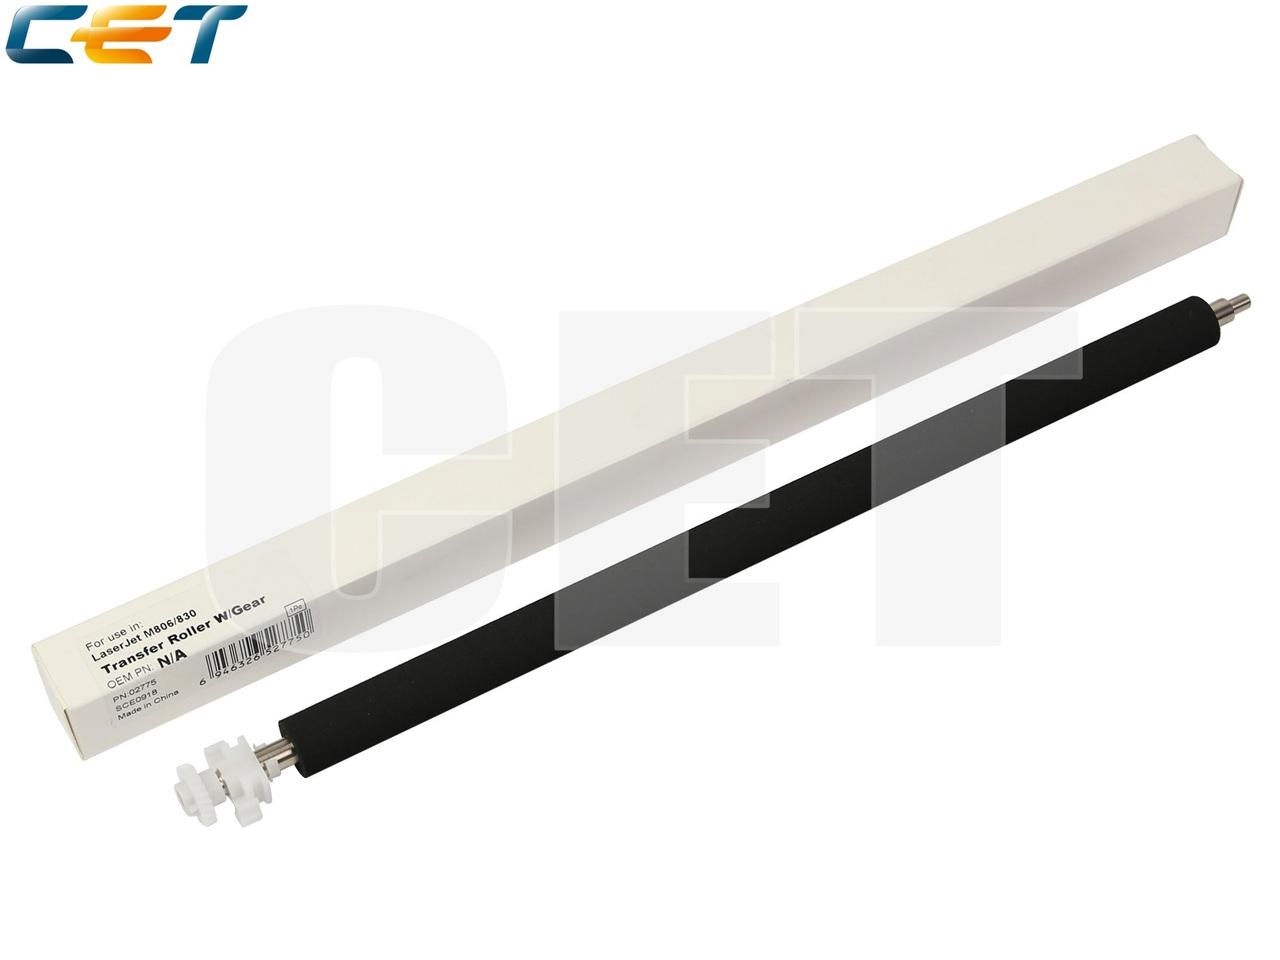 Ролик переноса с шестерней для HP LaserJet EnterpriseM806/M830 (CET), CET2775